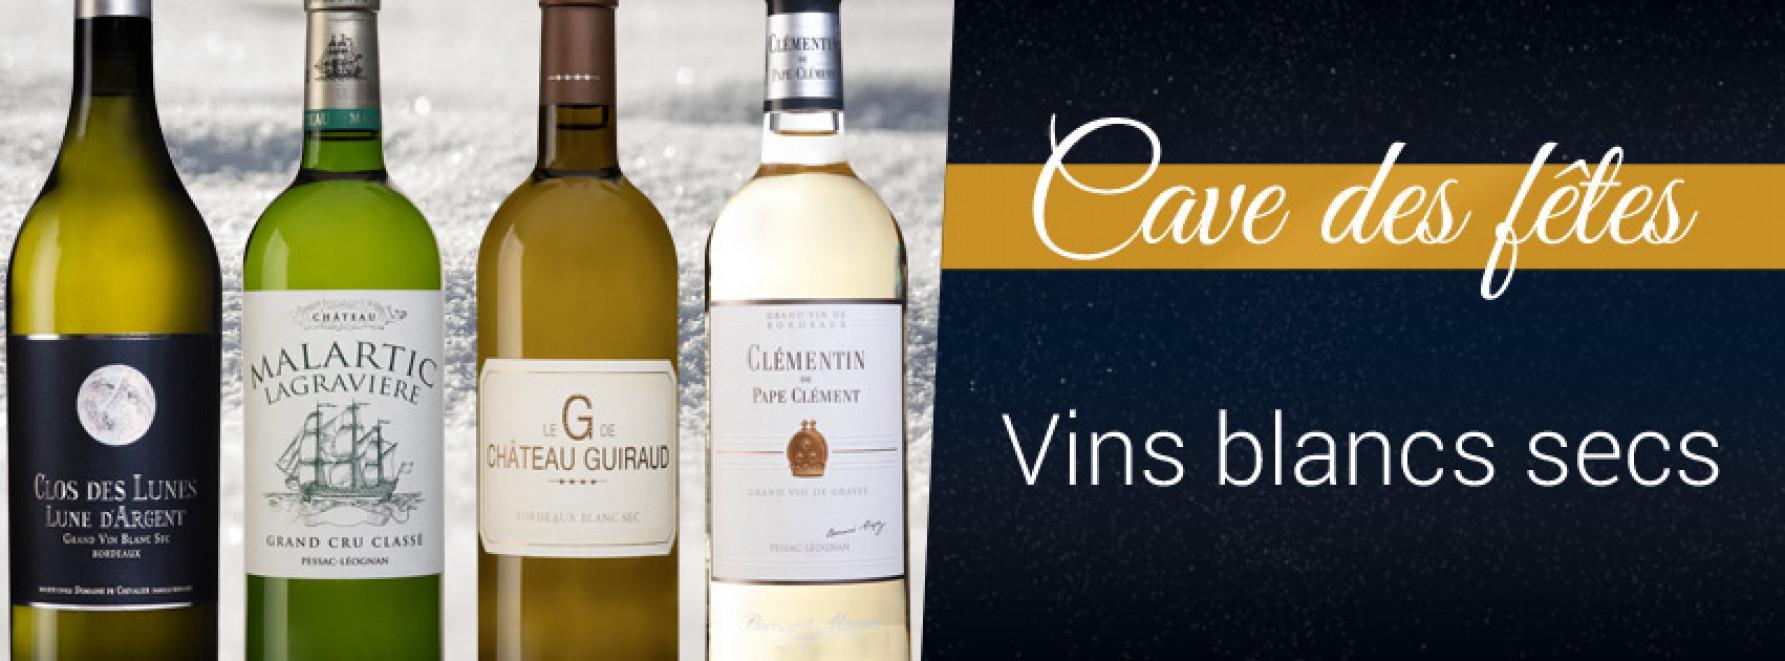 Cave des Fêtes | Vins blancs secs